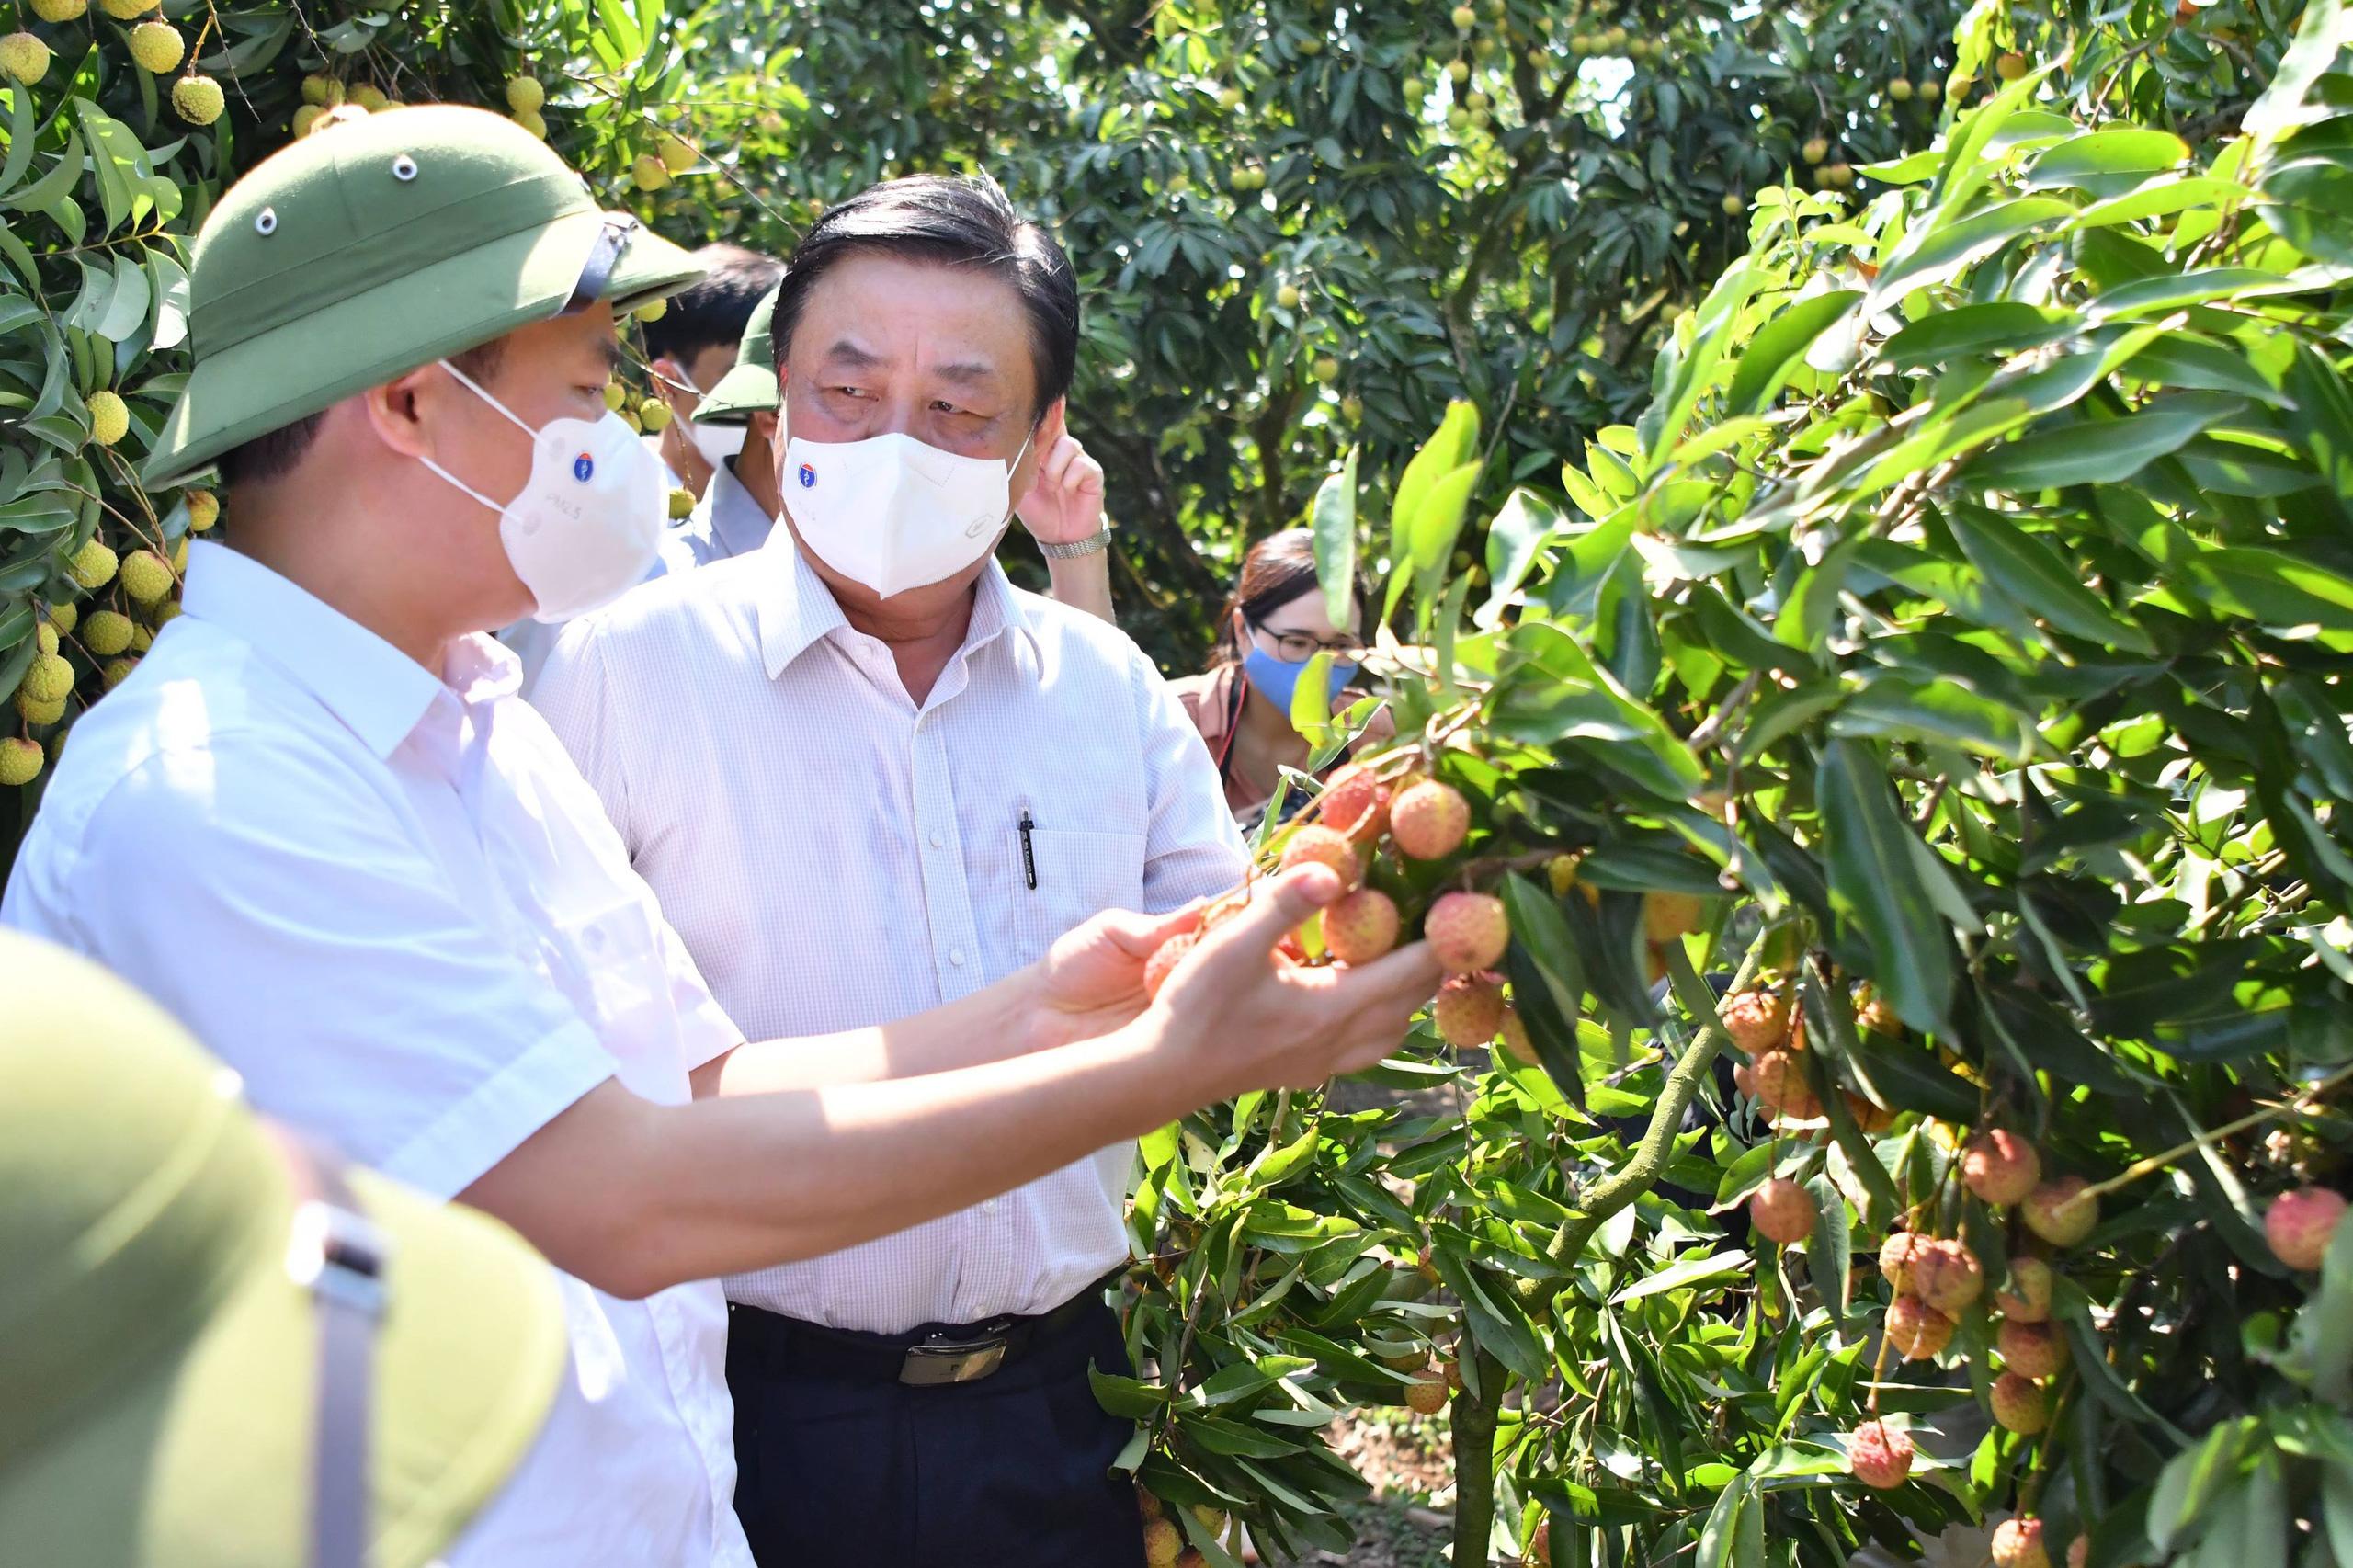 Bộ trưởng Lê Minh Hoan hứa sẽ kiến nghị Thủ tướng việc khó Bắc Giang không giải quyết được trong tiêu thụ vải thiều - Ảnh 1.